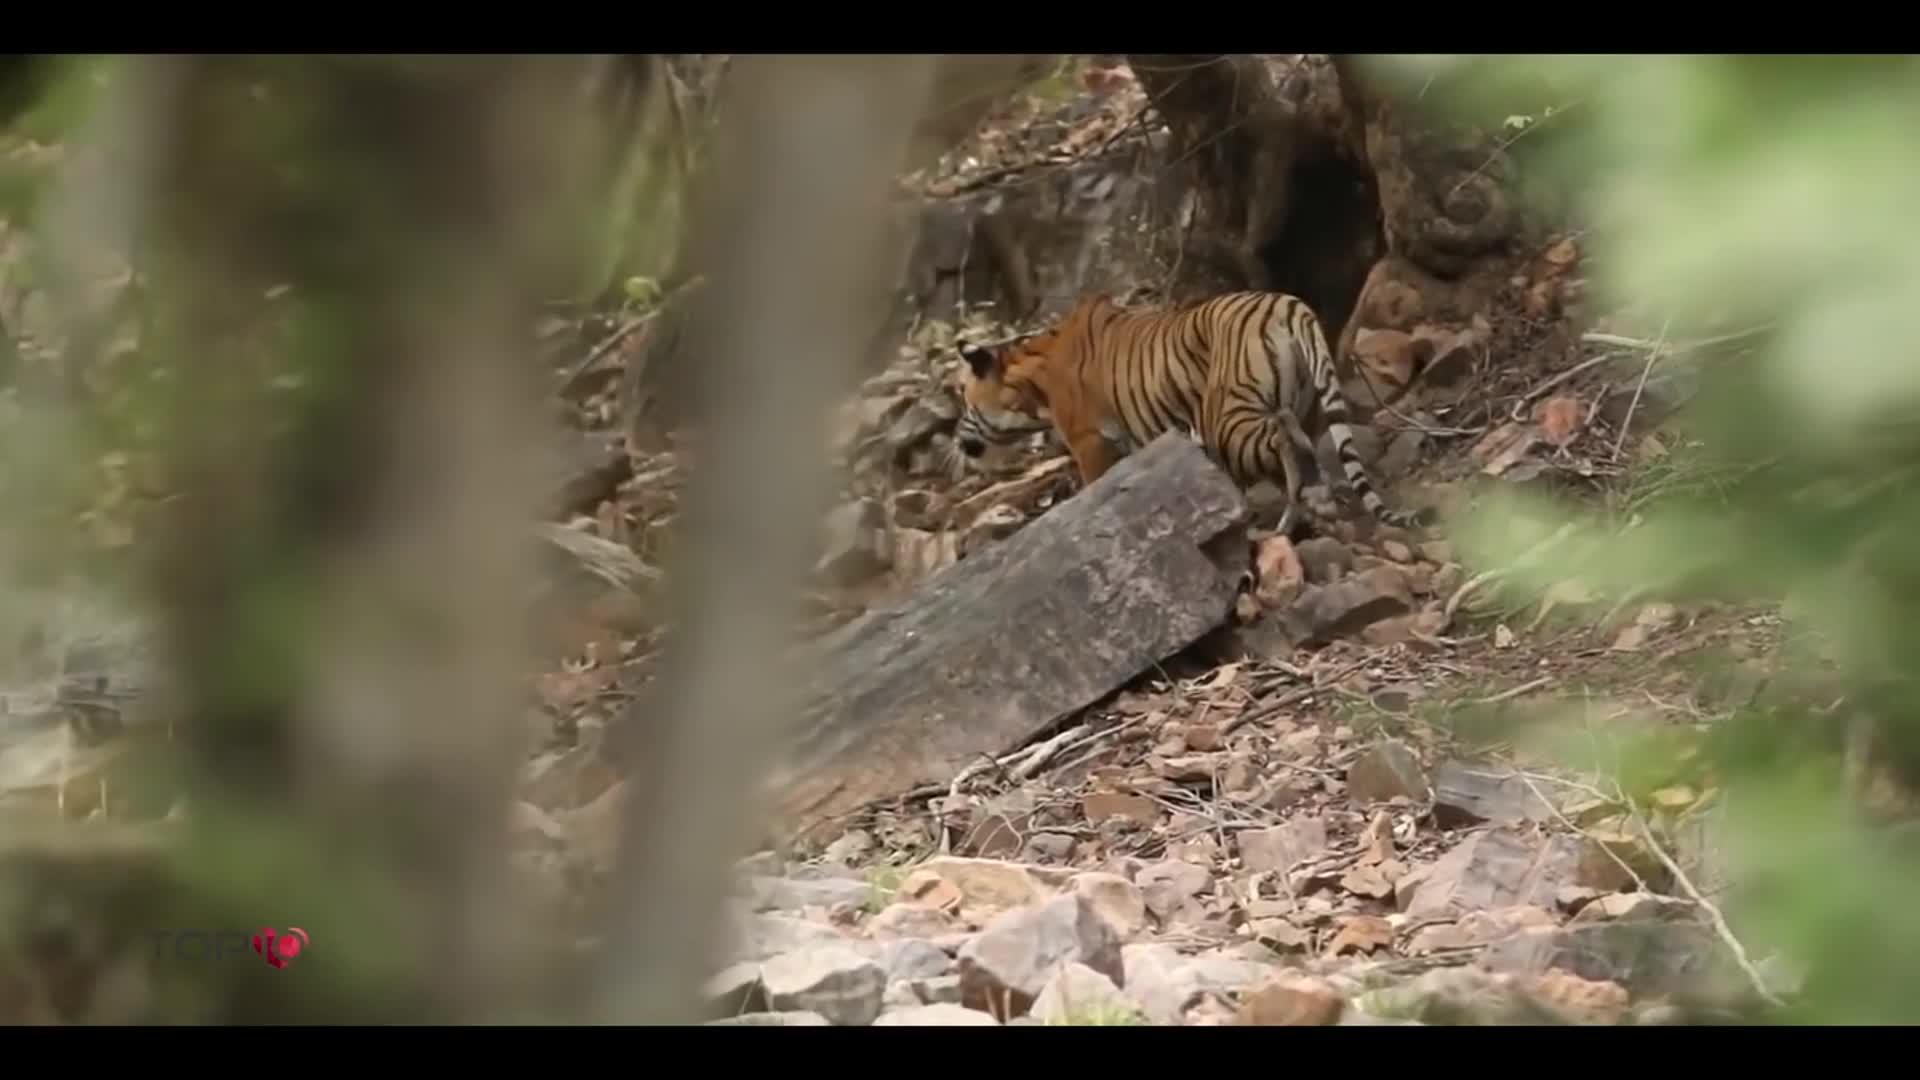 Hổ dùng tuyệt chiêu hạ sát nai lớn. Nguồn: Daily Jail